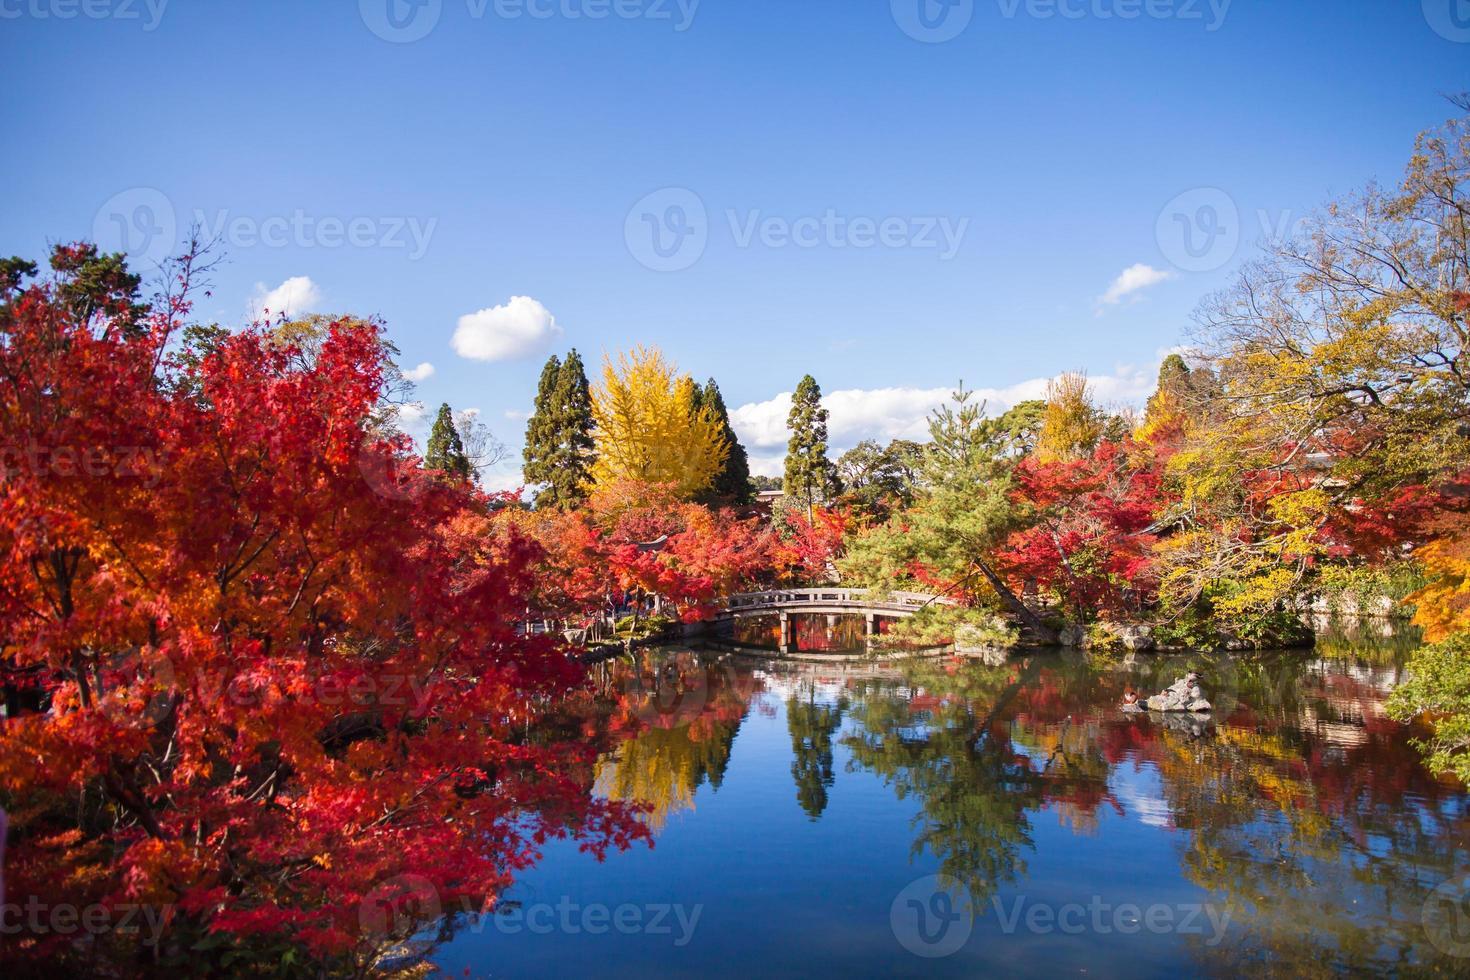 puente y árboles de otoño sobre el agua. foto